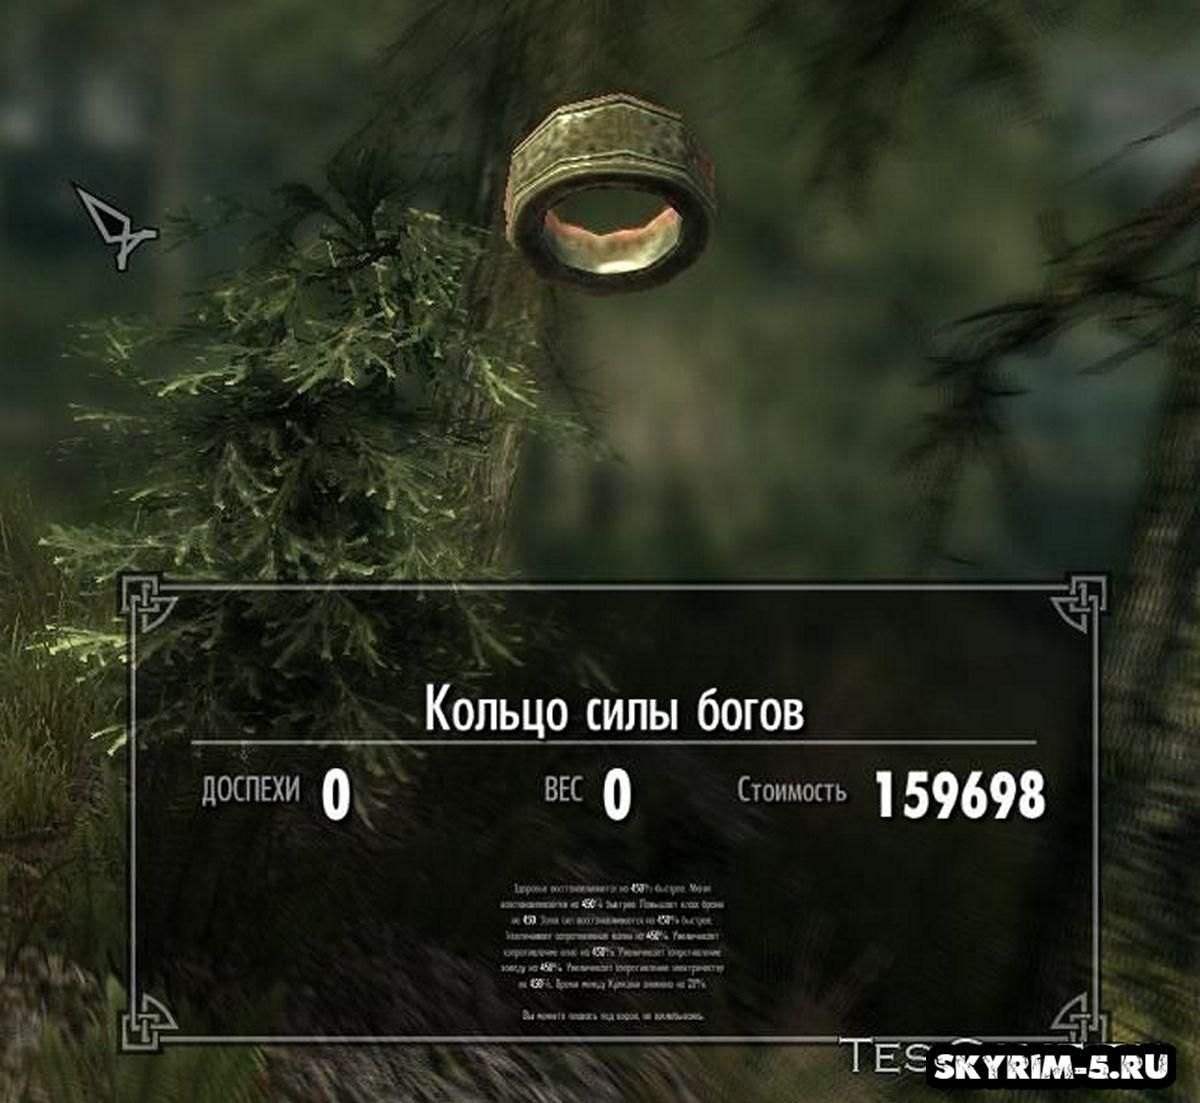 Кольцо силы боговМоды Скайрим > Броня и одежда Скайрим